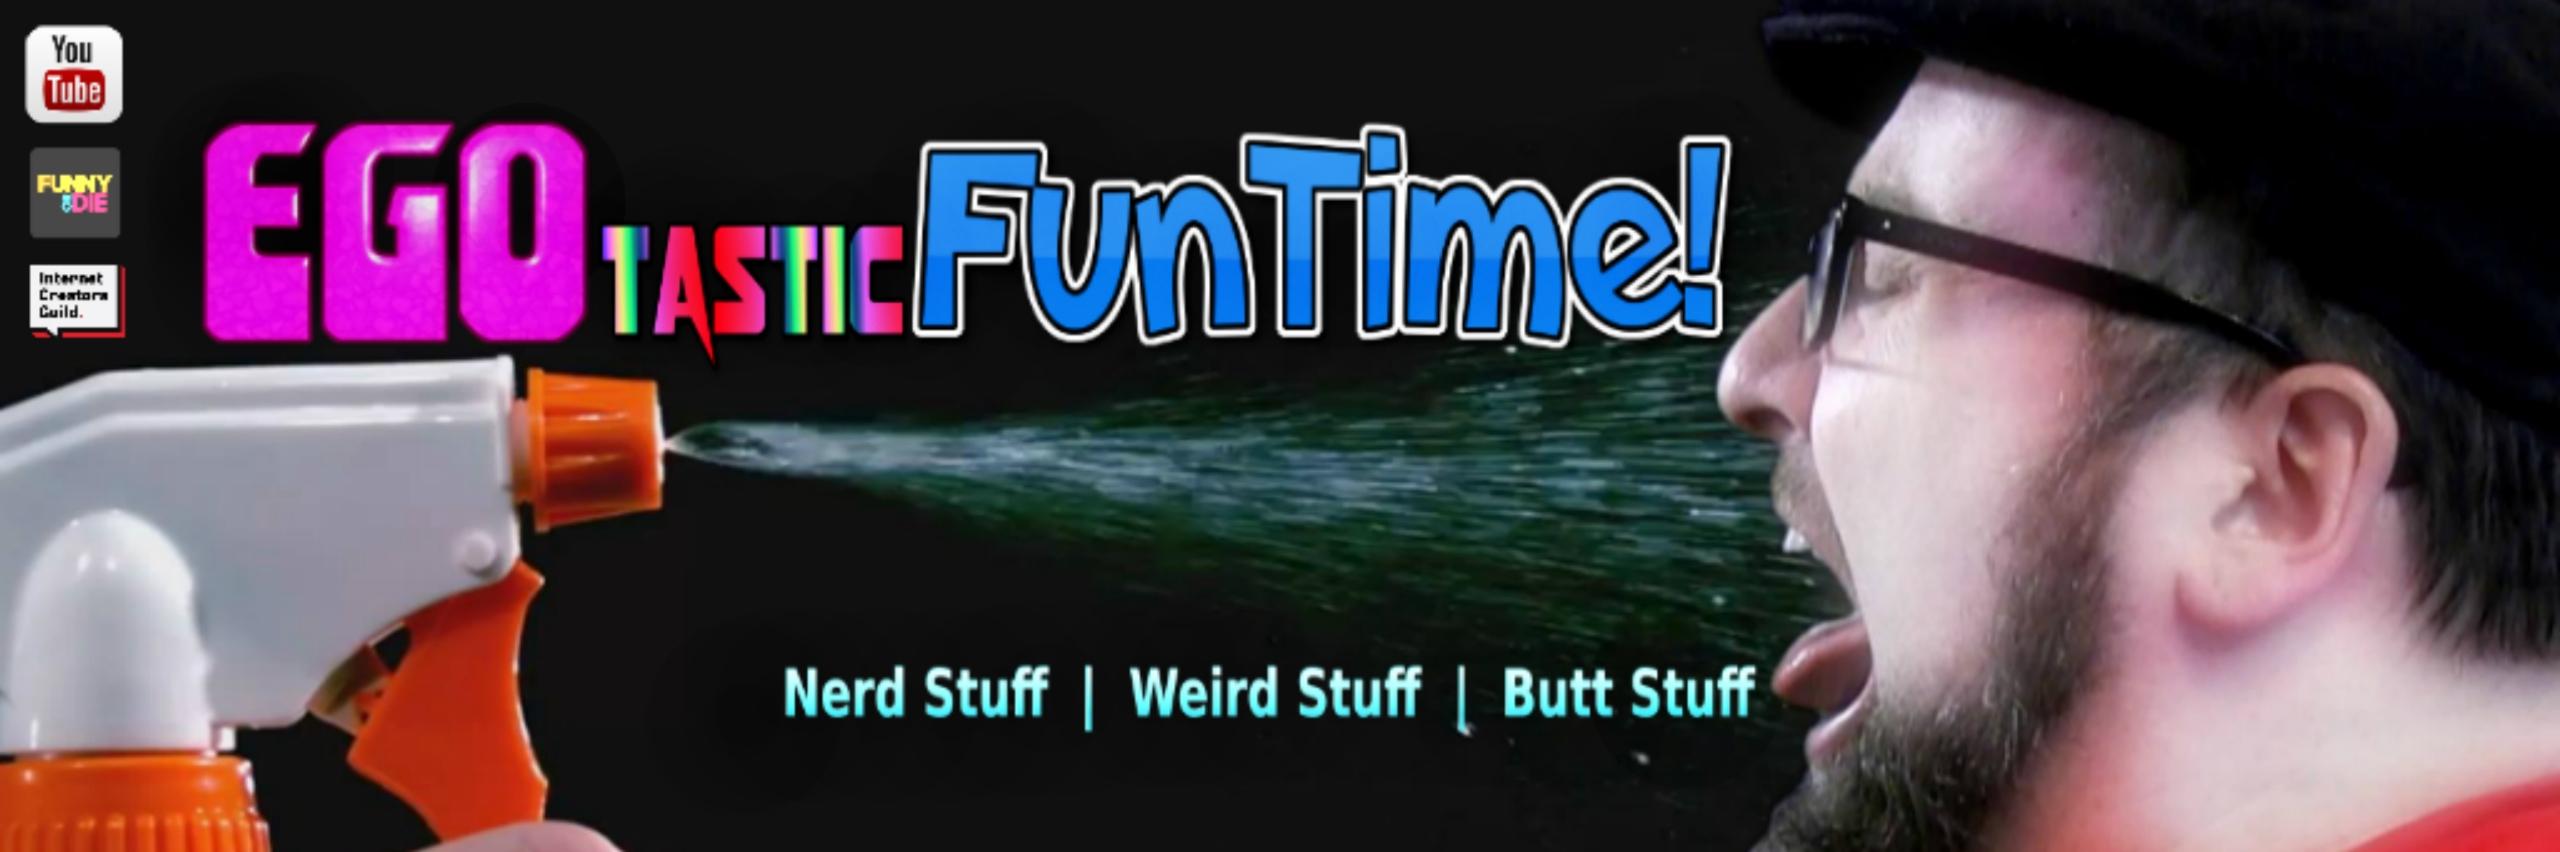 Egotastic FunTime! (@egotasticfuntime) Cover Image